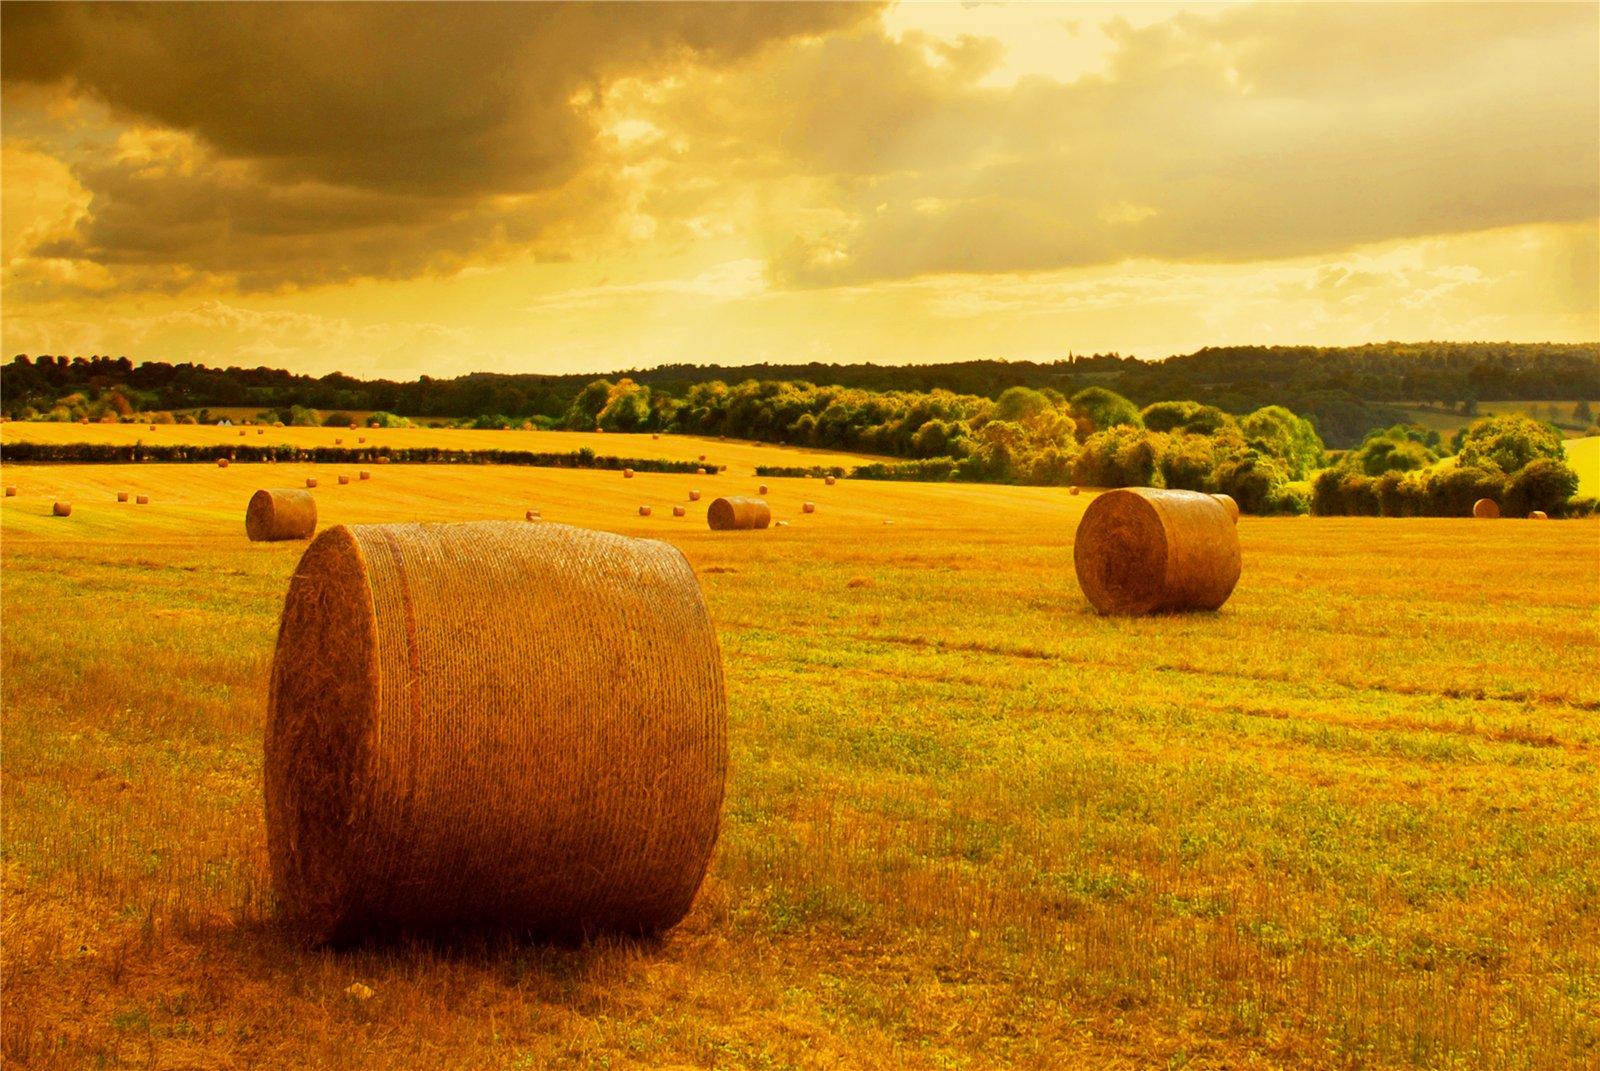 осеннее поле, скошенная трава, обои на рабочий стол, осень